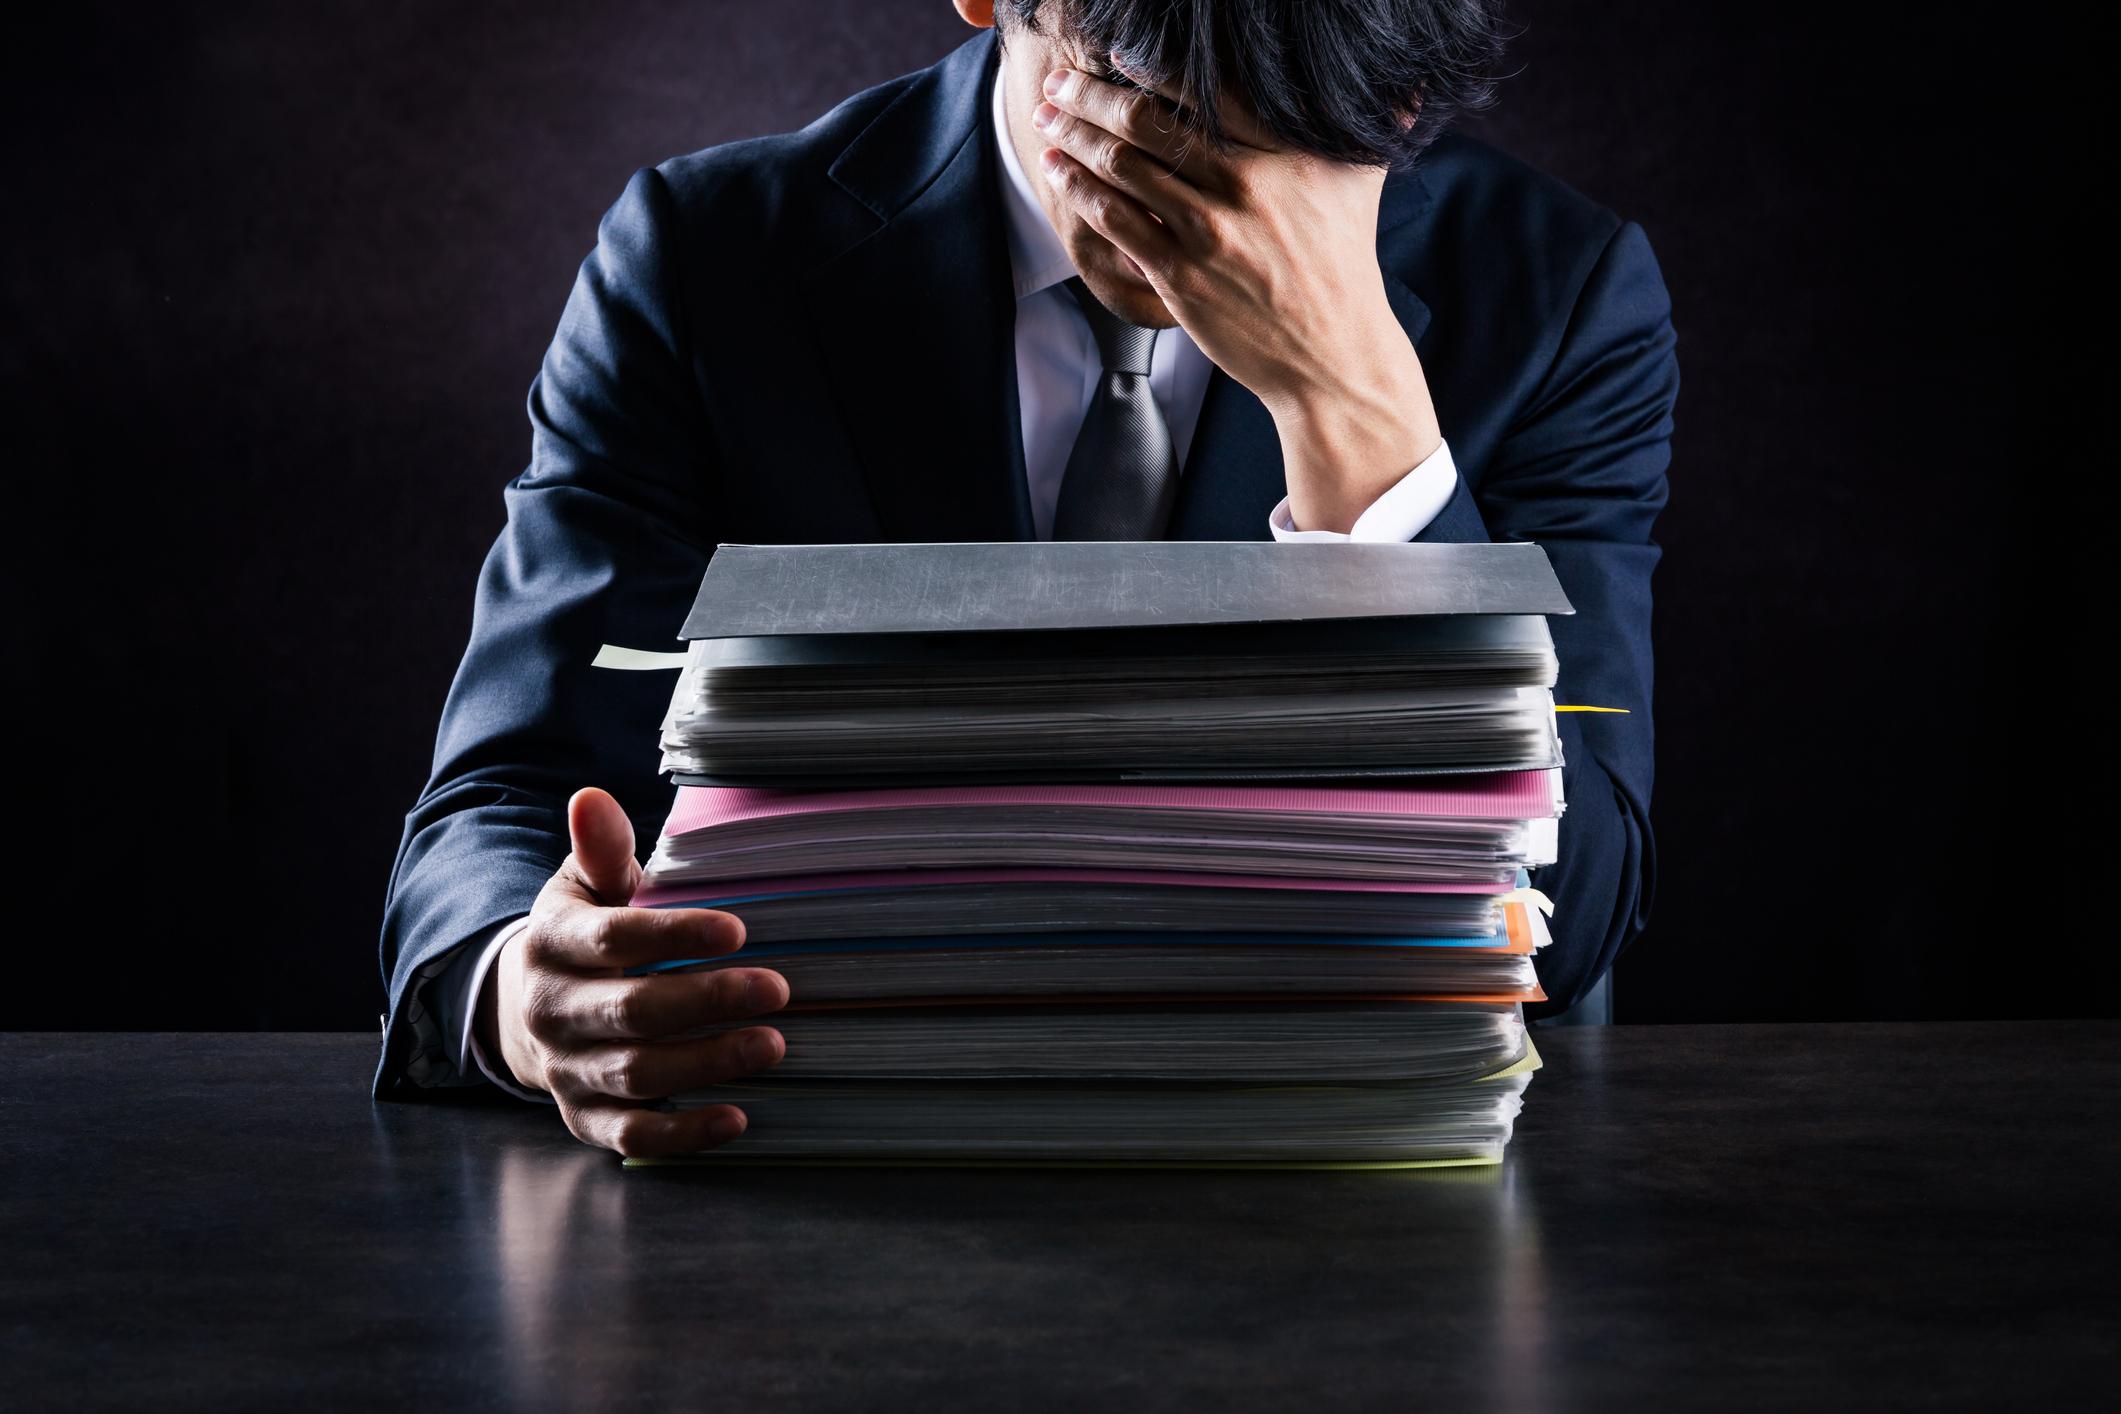 「紙文化」から脱却できない経理部門と大阪の都構想否決